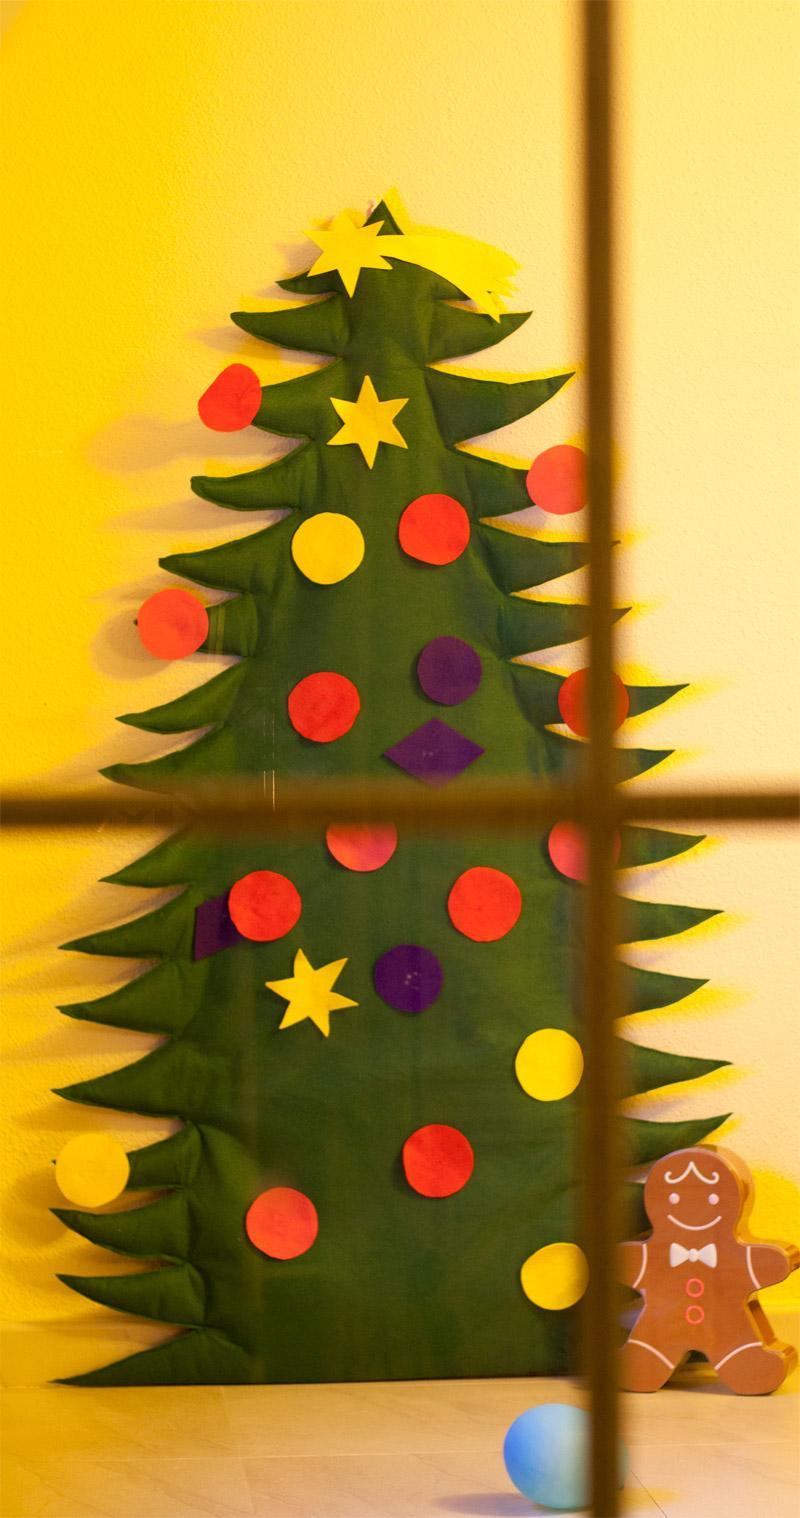 Nuestro rbol de navidad paperblog - Arbol de navidad de fieltro ...